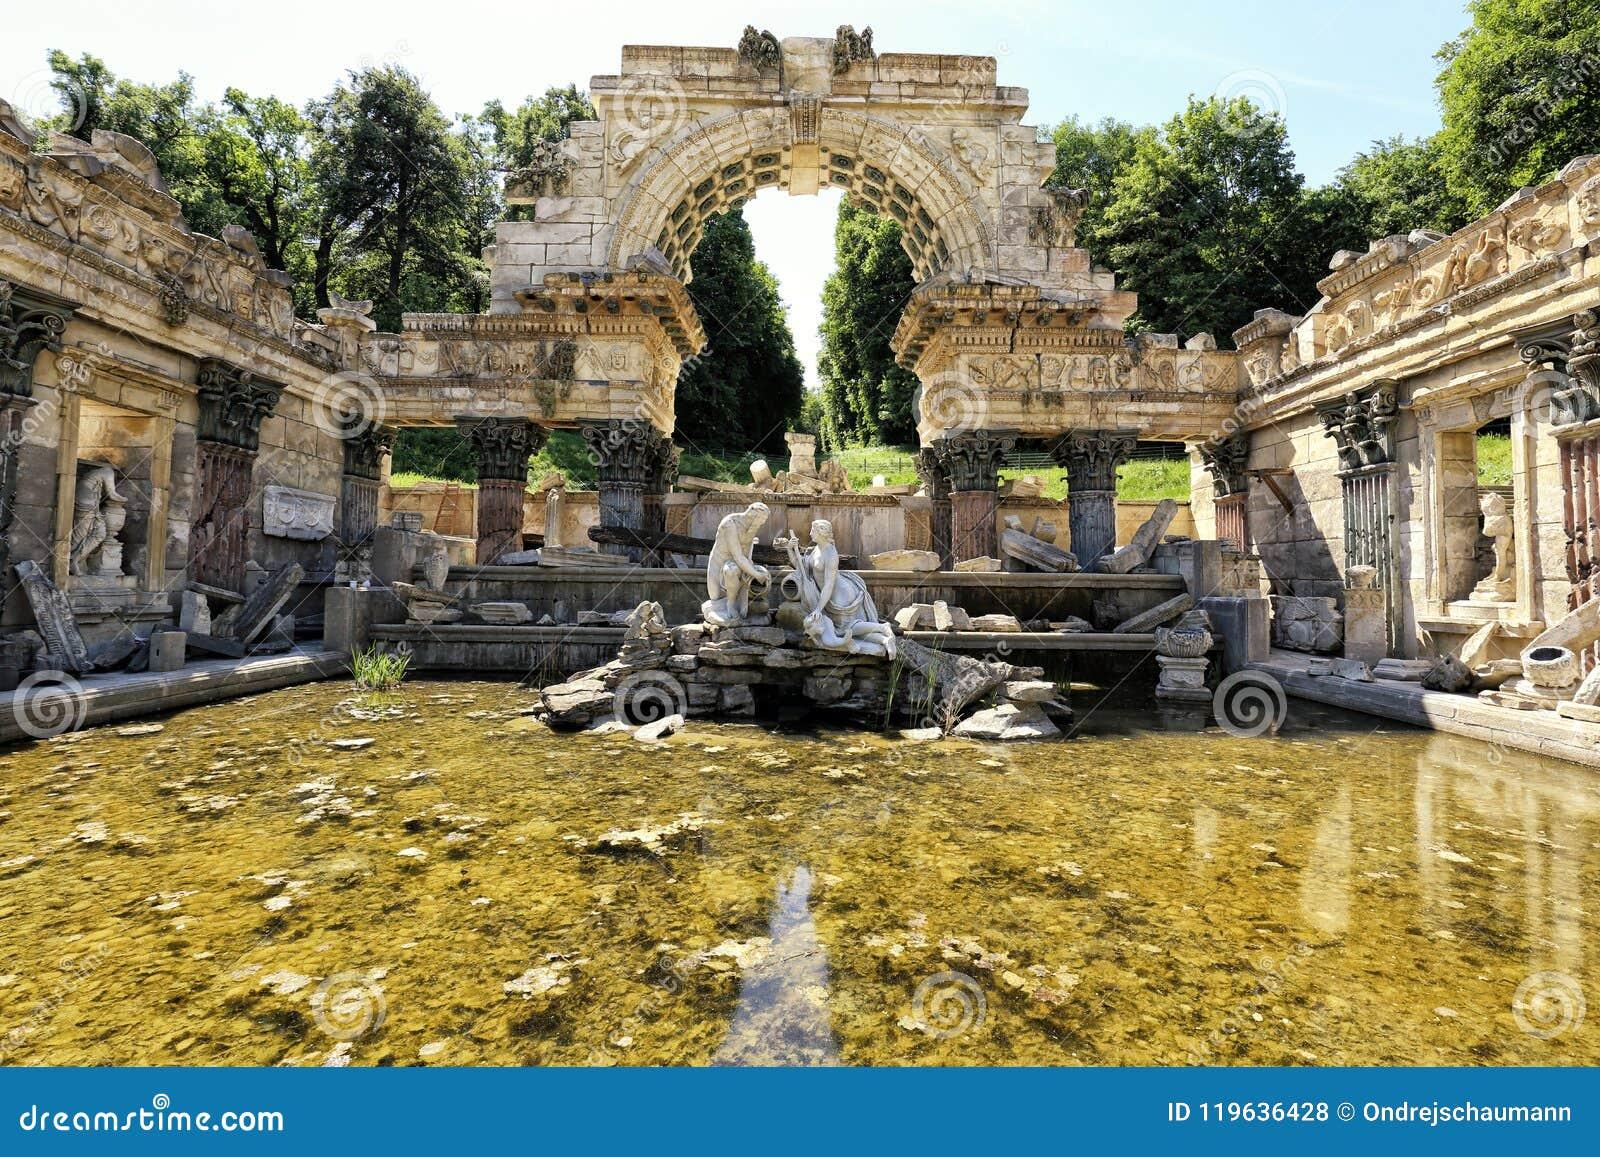 Vienna Schonbrunn park antique ruins